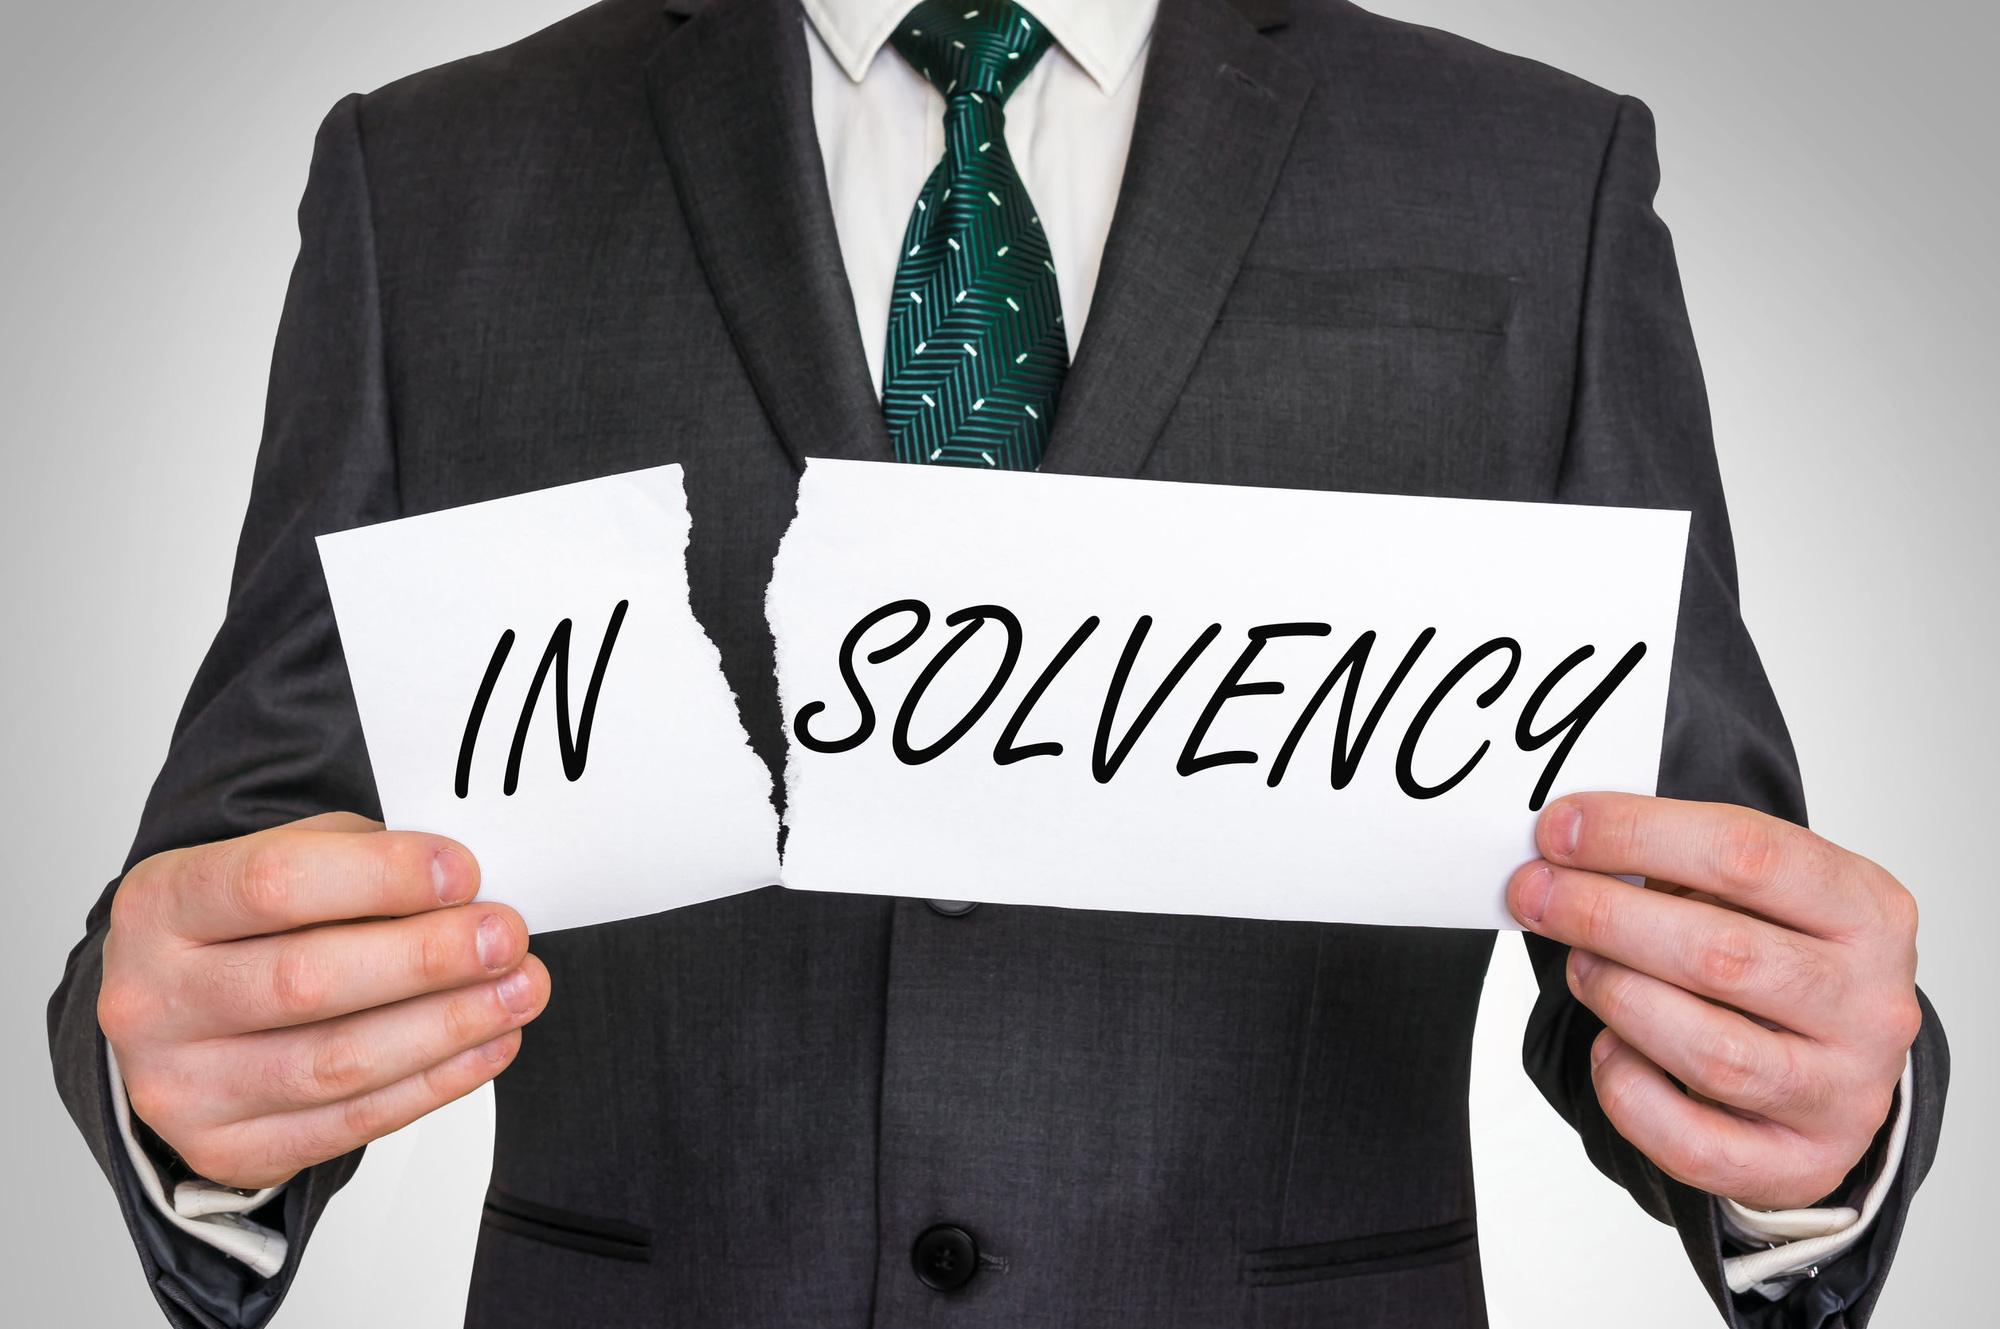 Thủ tục phục hồi hoạt động kinh doanh của doanh nghiệp mất khả năng thanh toán nợ theo pháp luật phá sản Việt Nam